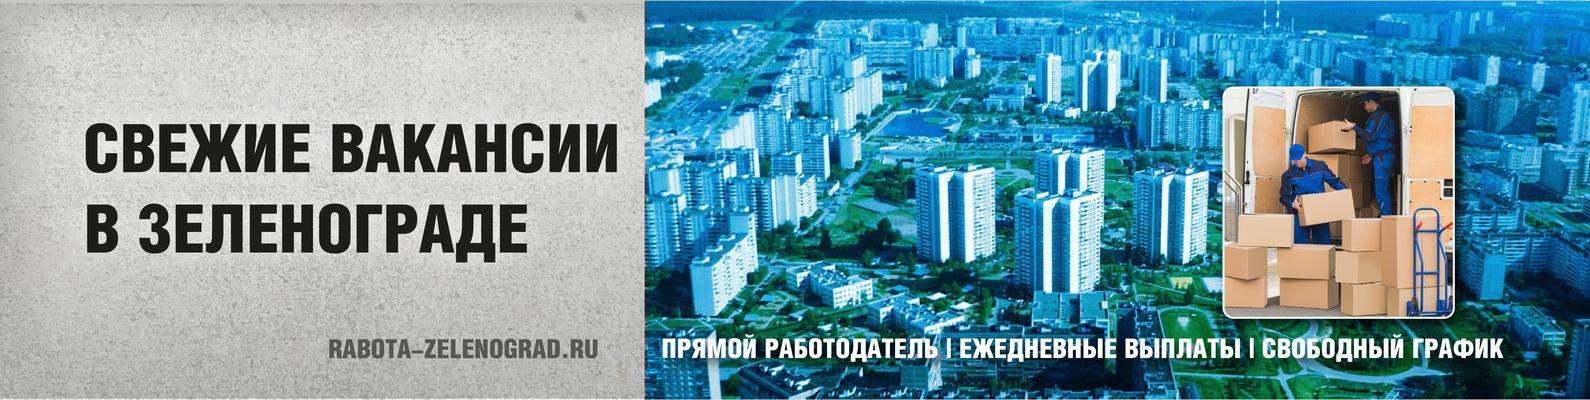 Грузчик с медицинской книжкой Москва Москворечье-Сабурово